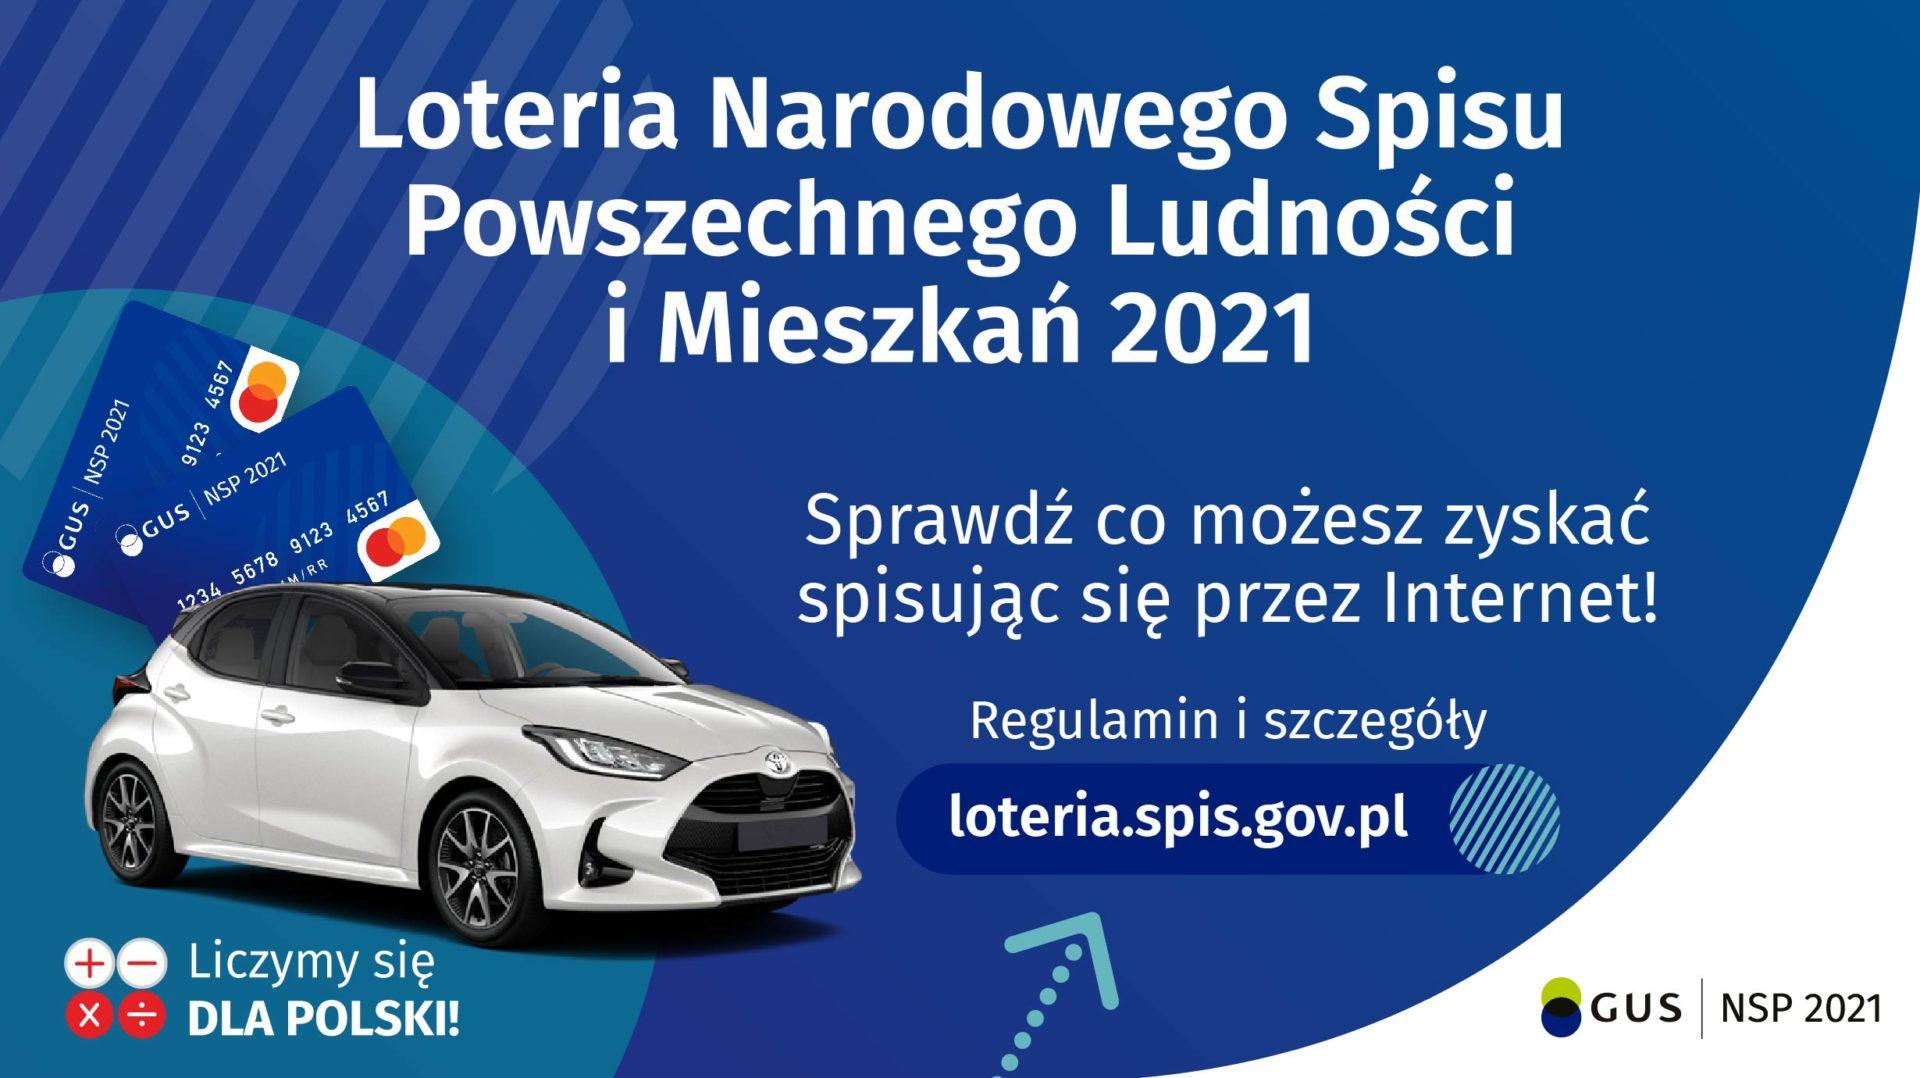 NSP 2021 – ponowne otrzymanie 10-znakowych kodów do loterii NSP 2021